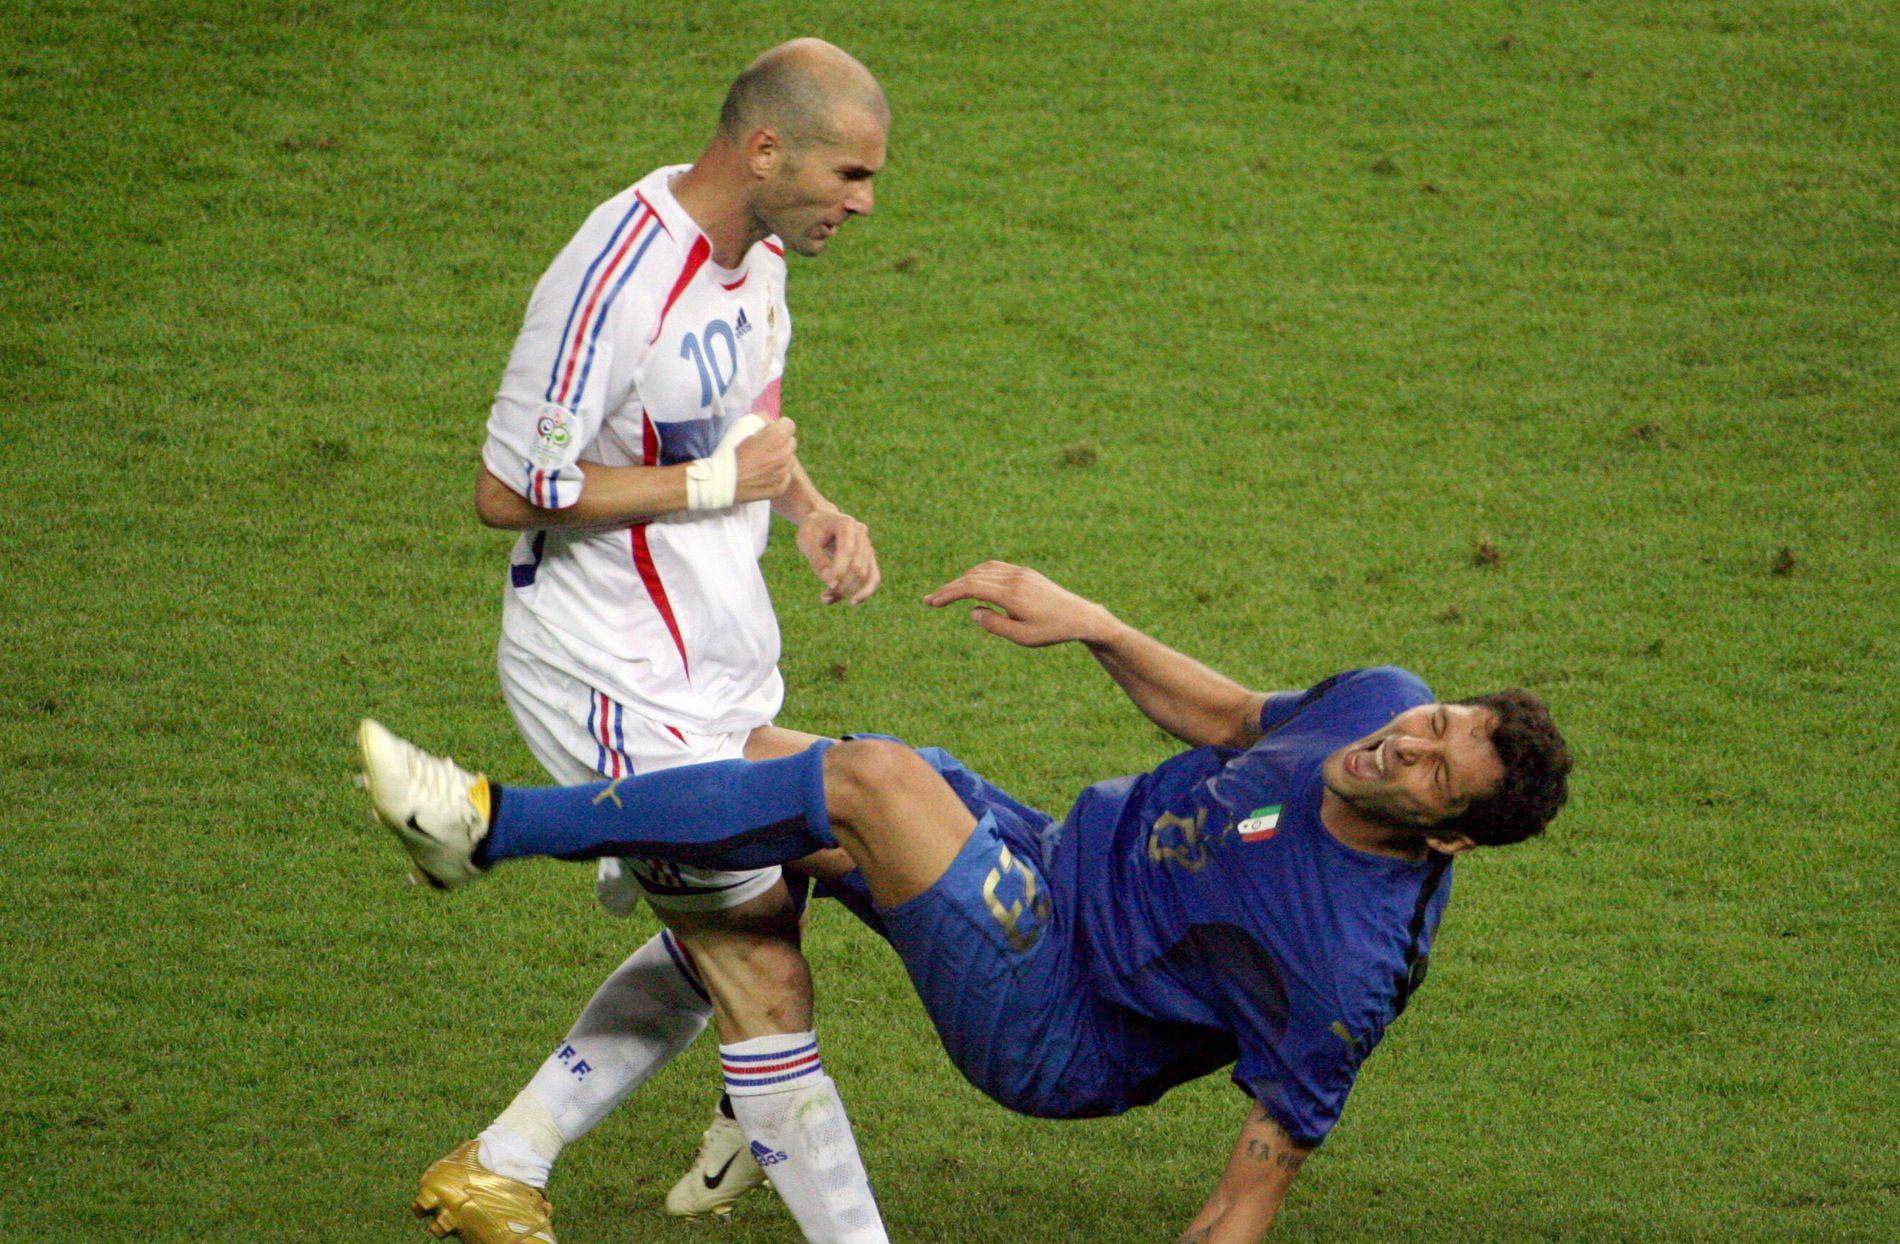 DET BERØMTE BILDET: I sin siste kamp som fotballspiller avsluttet Zinedine Zidane med å bli utvist for denne nedskallingen av Marco Materazzi.